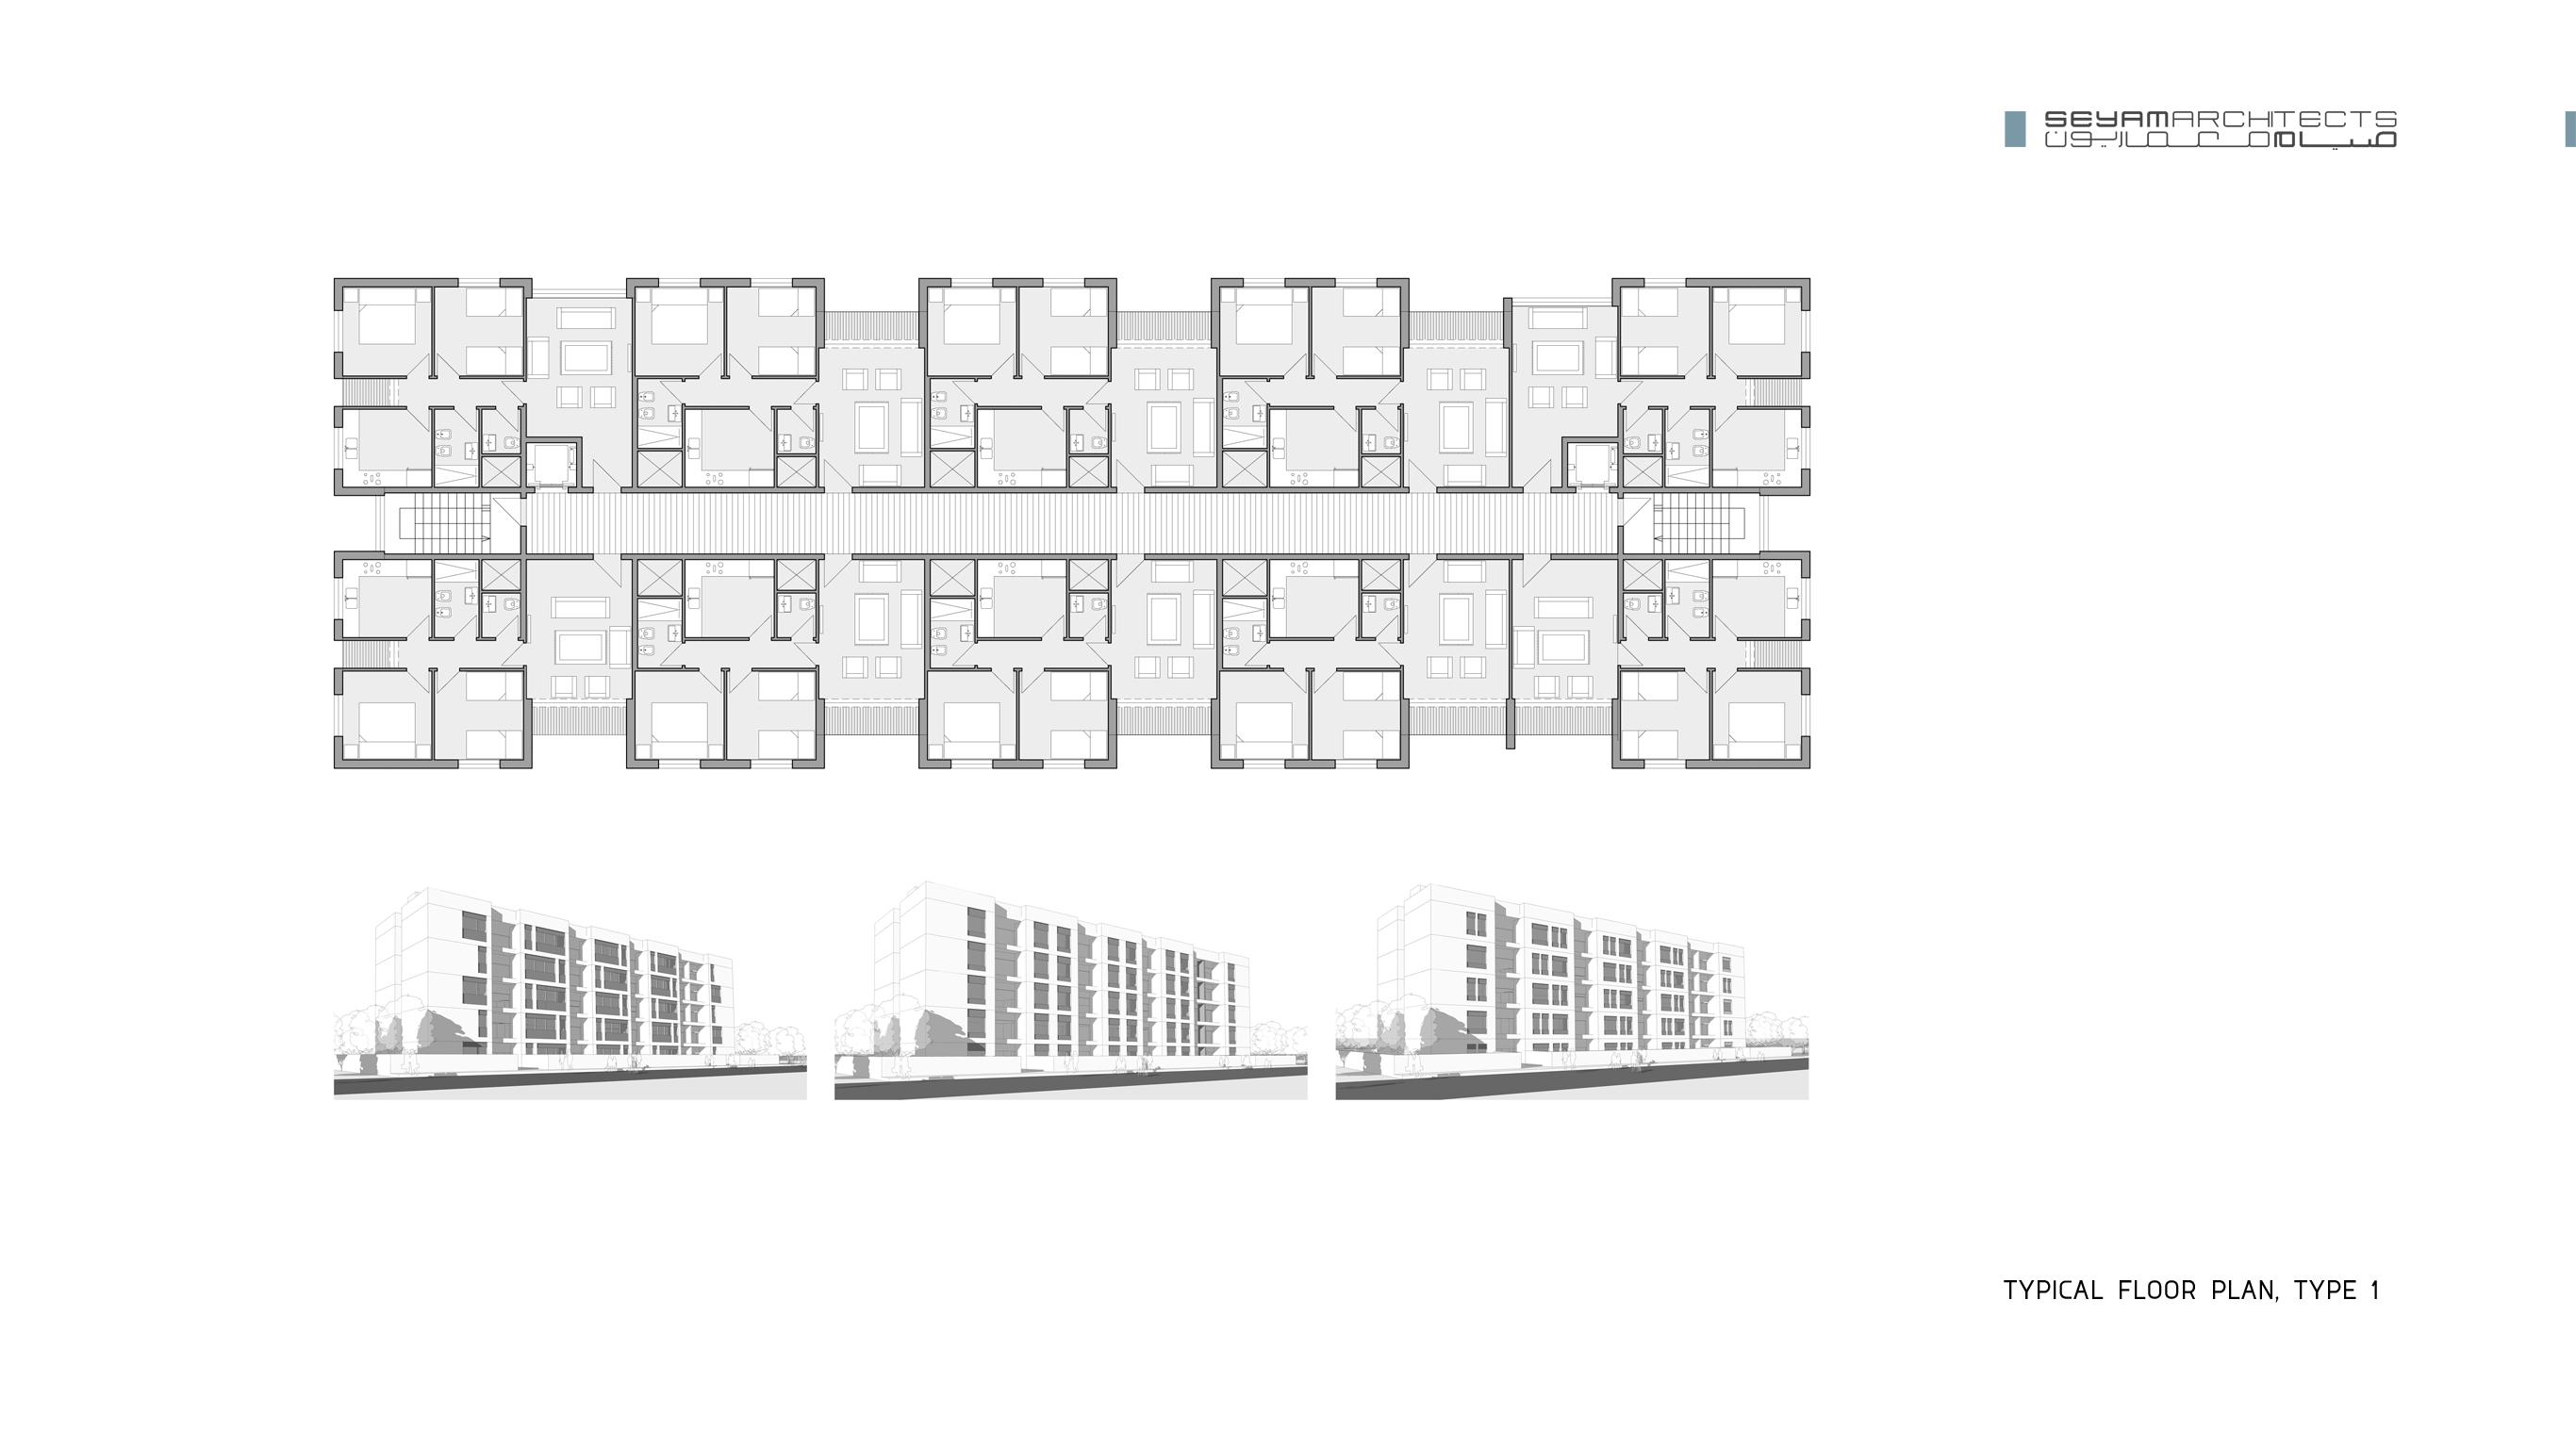 06 typical floor plan, type 1